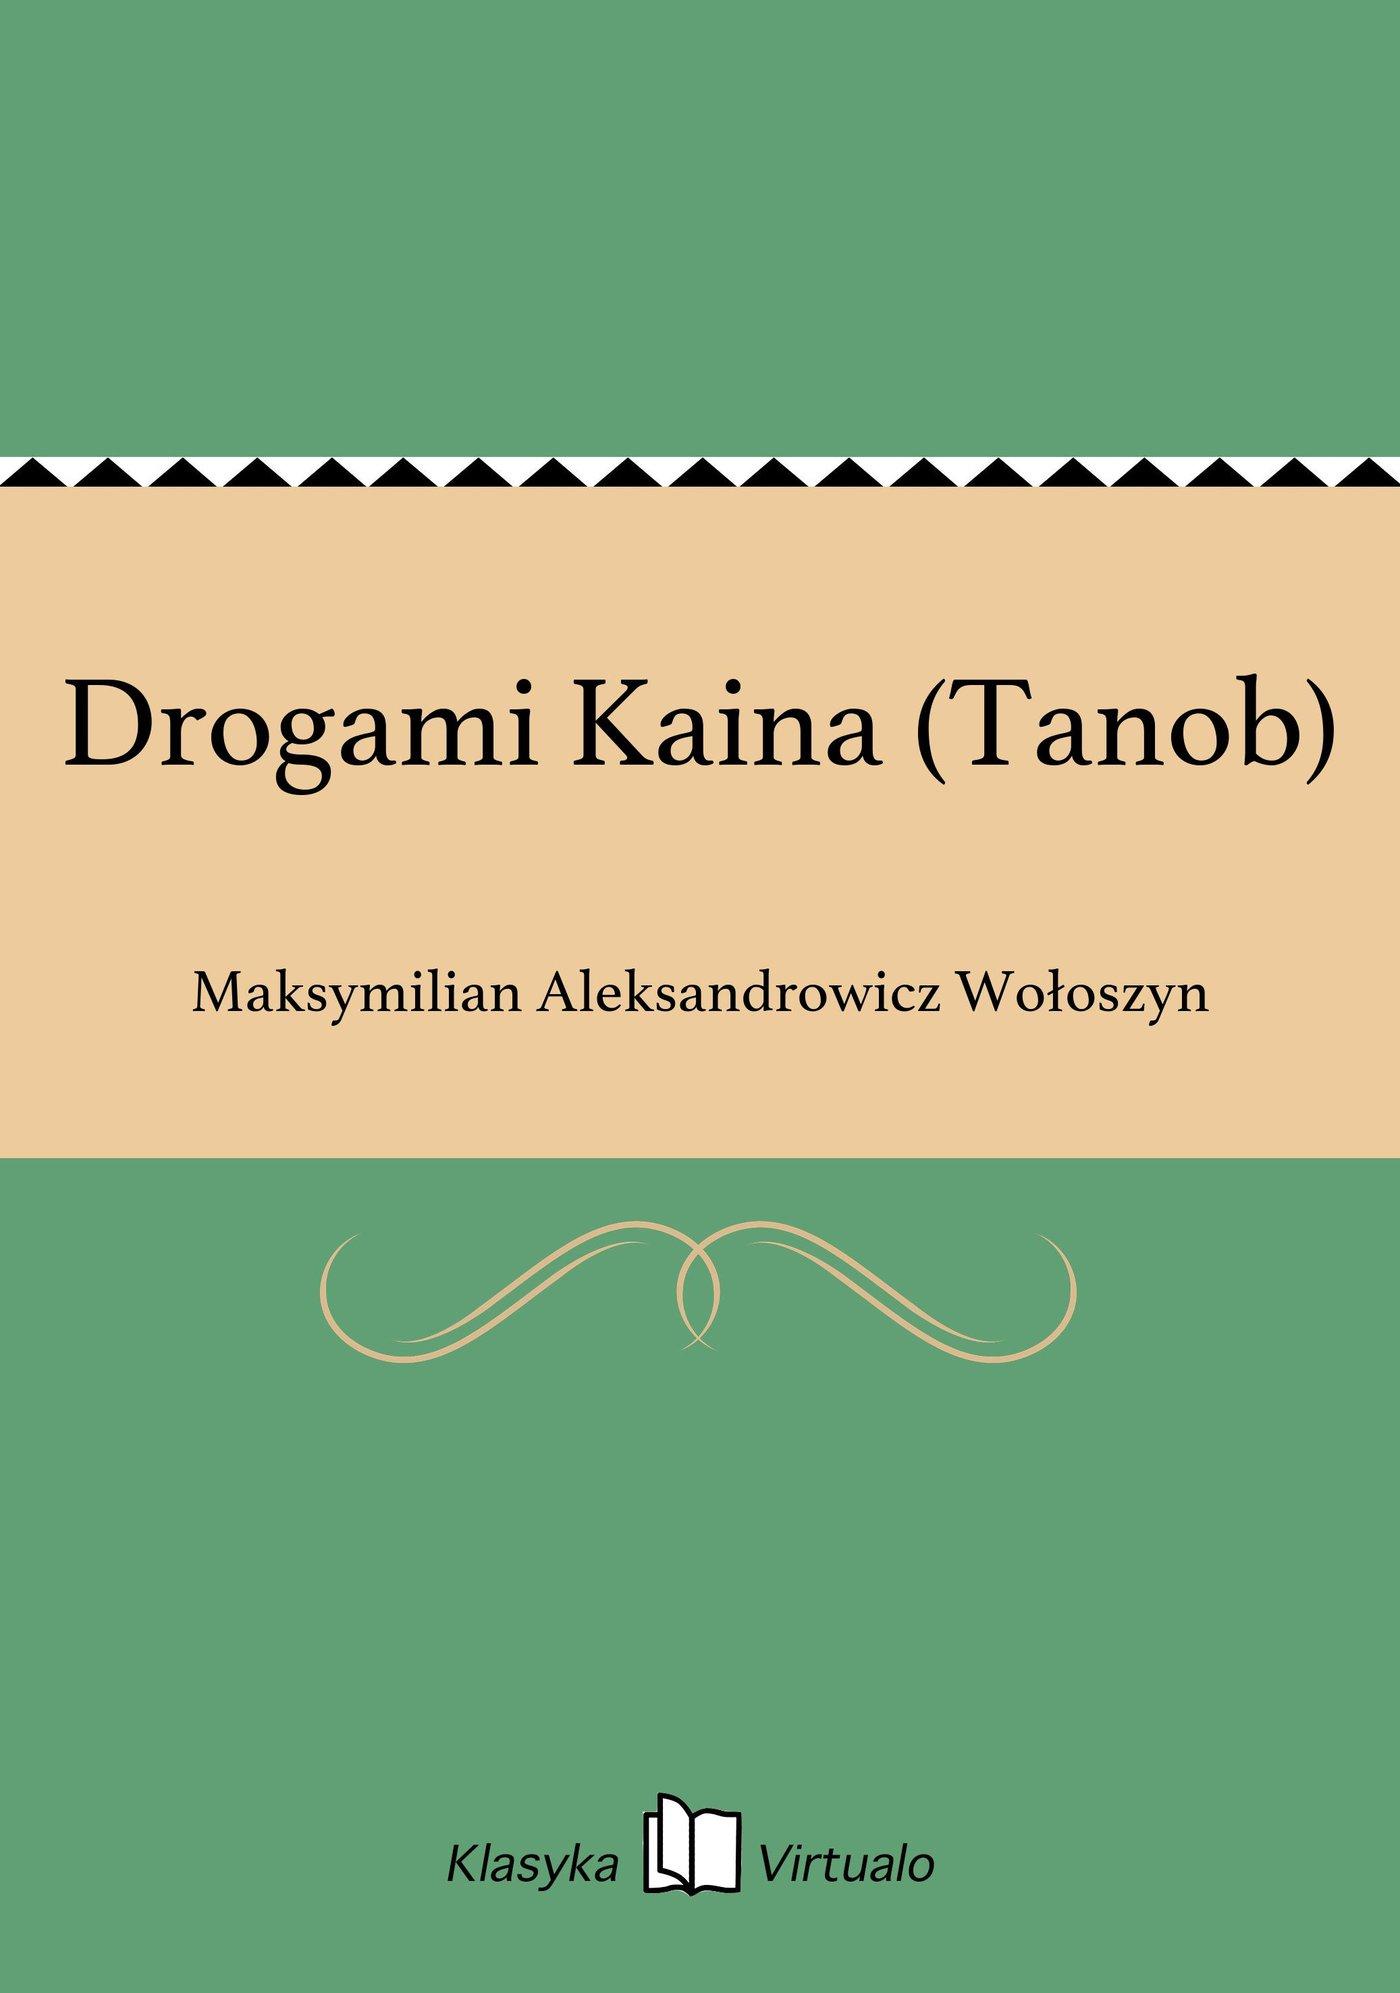 Drogami Kaina (Tanob) - Ebook (Książka na Kindle) do pobrania w formacie MOBI